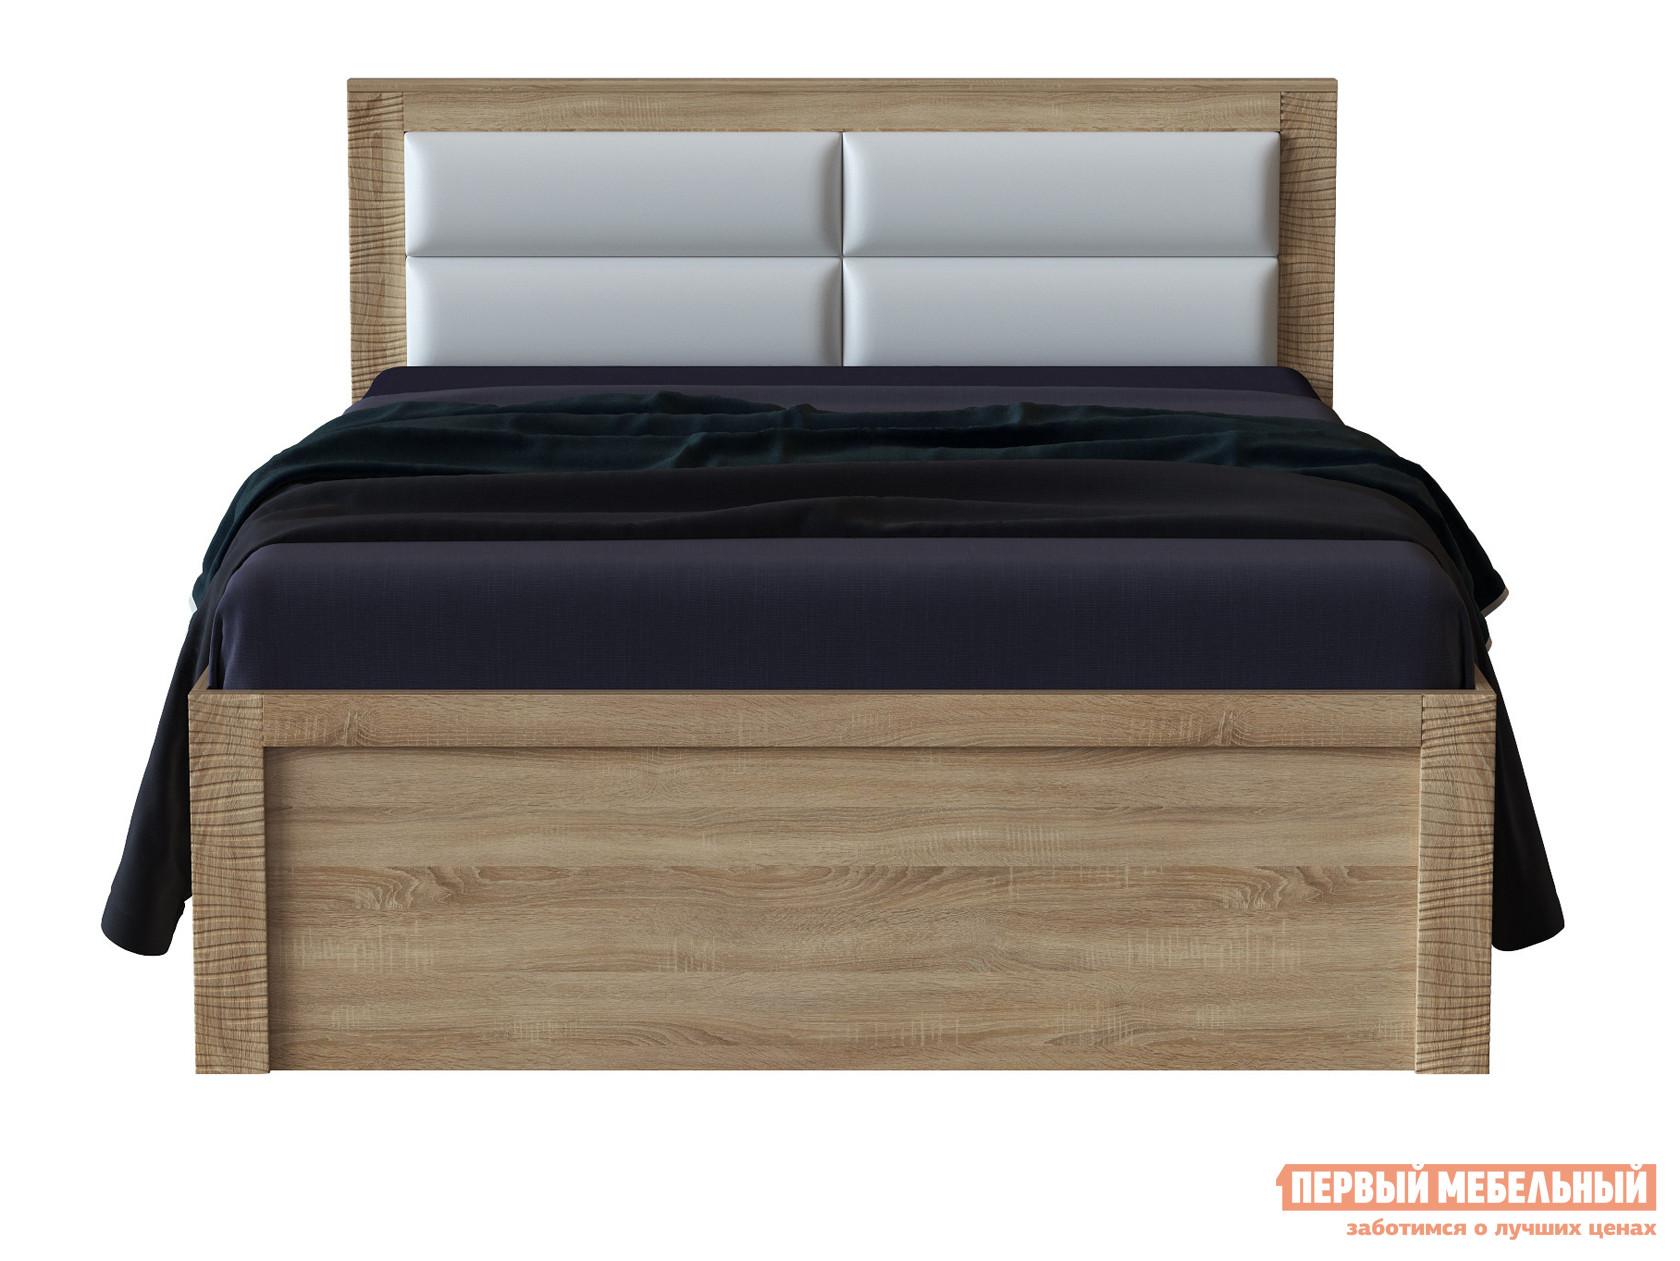 Двуспальная кровать с ортопедическим основанием Первый Мебельный Кровать Элегия